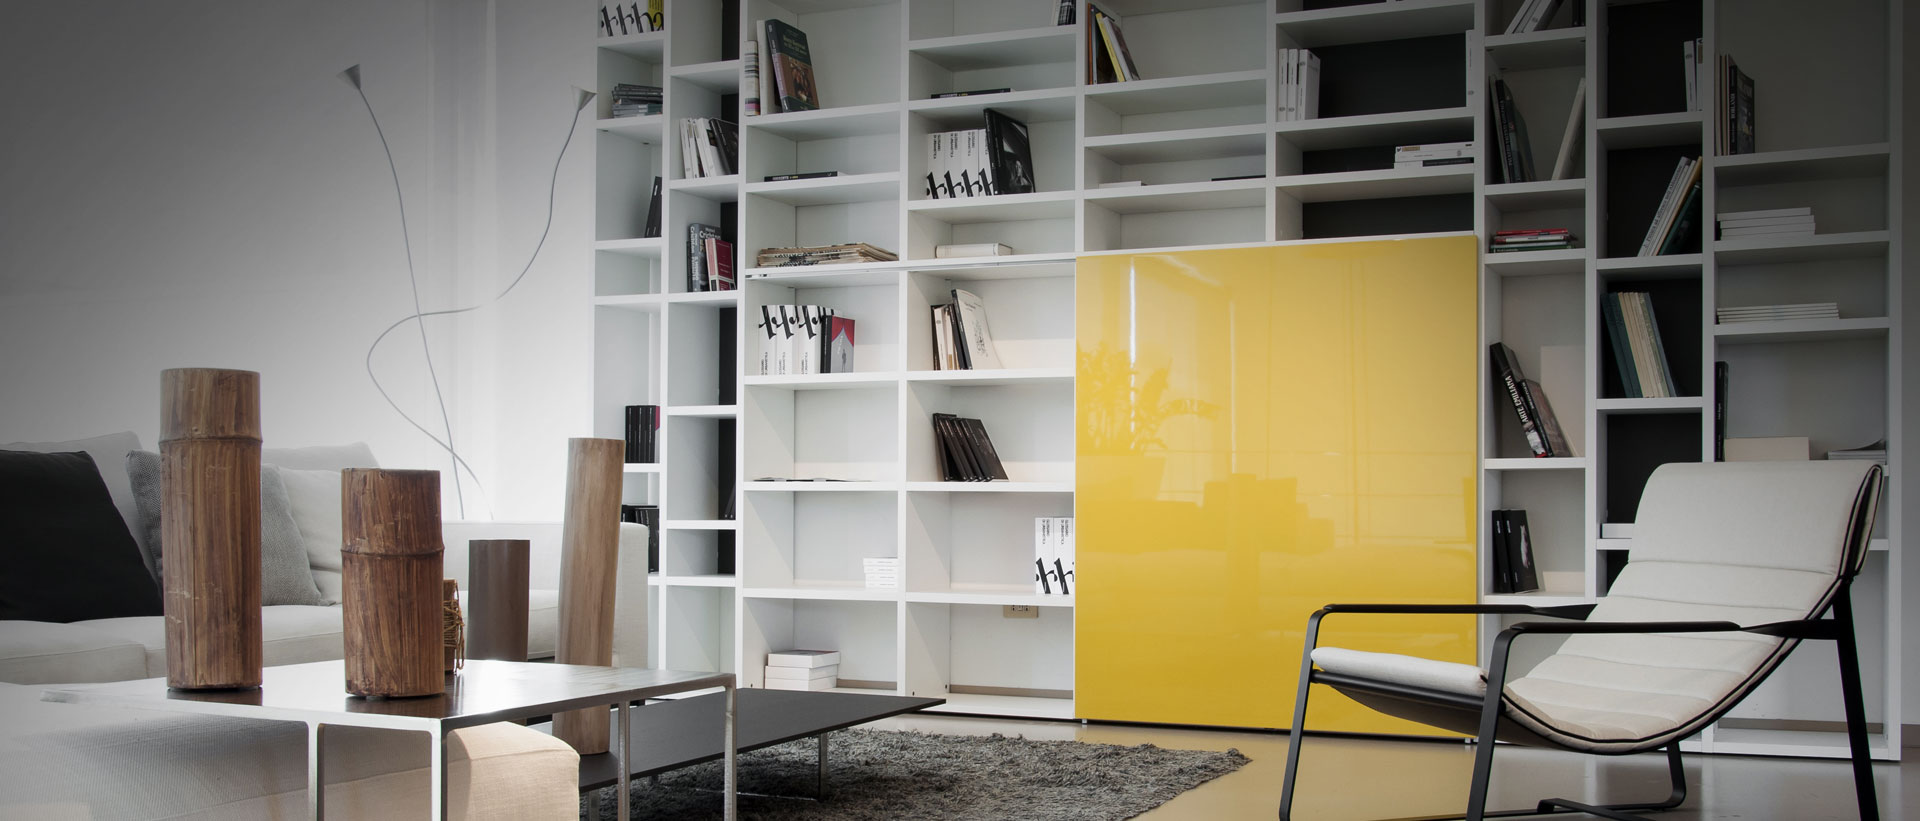 Architettura d 39 interni mantova consulenza arredo interni for Consulenza arredo casa